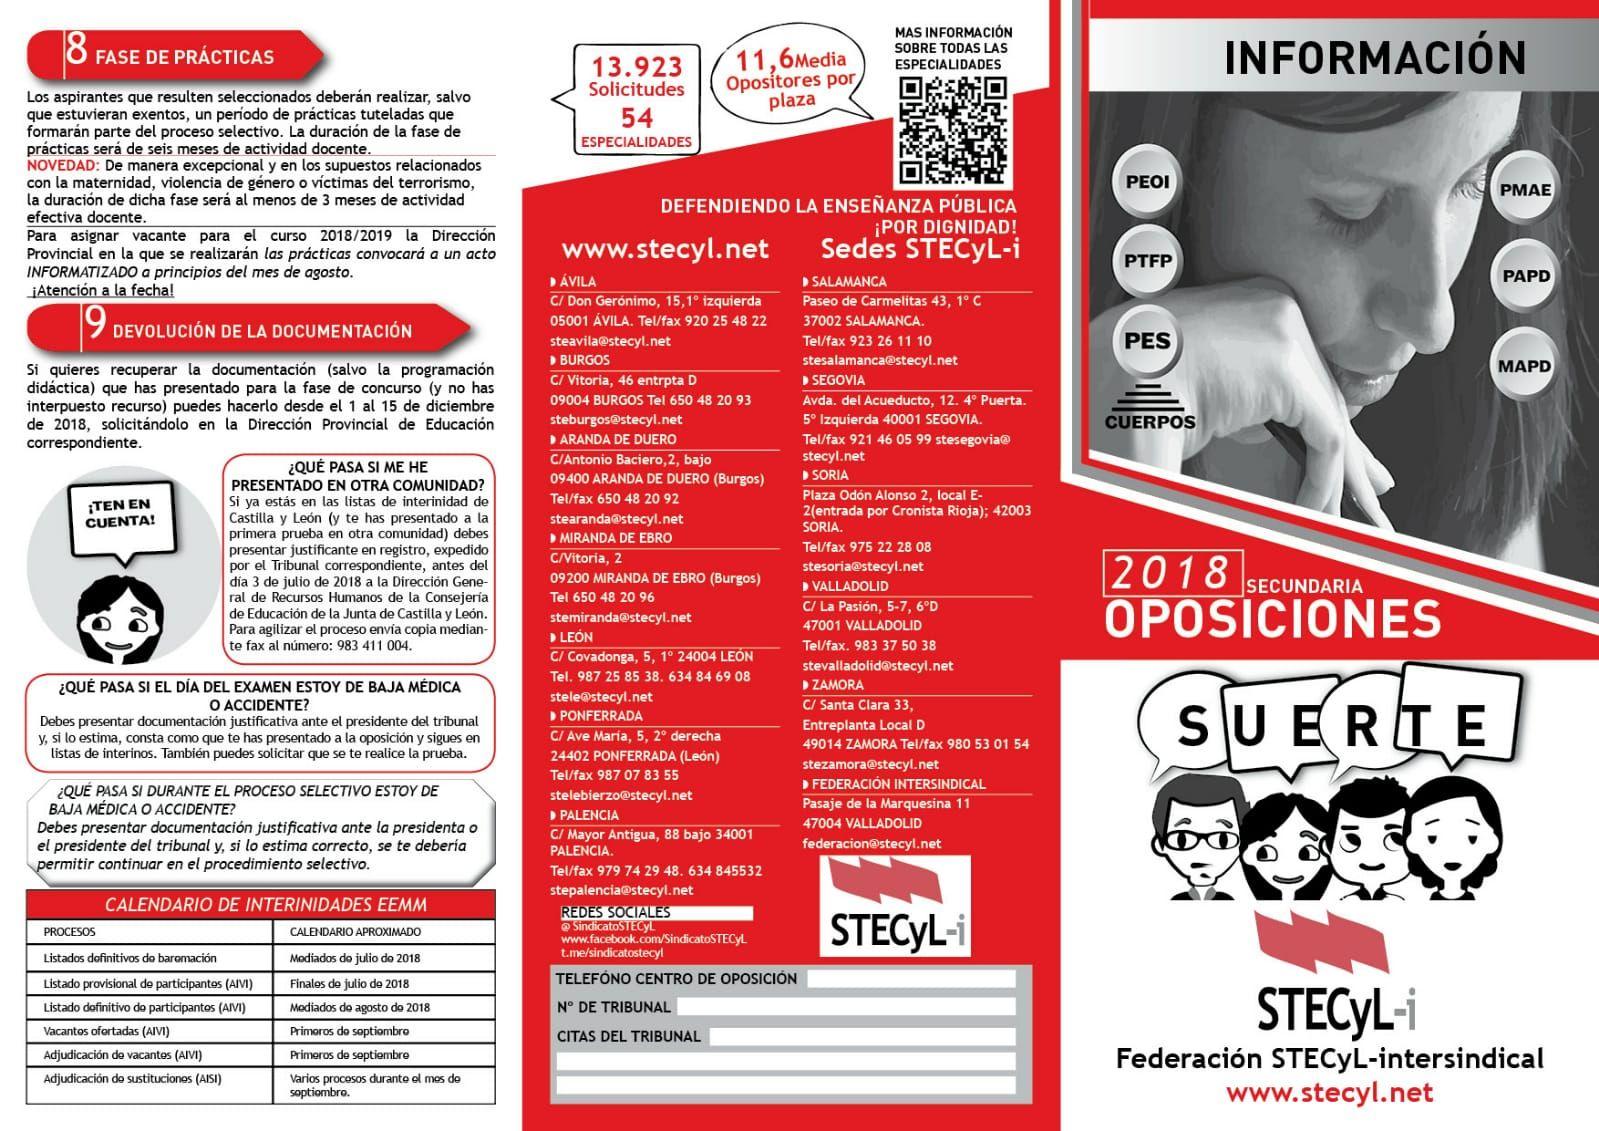 FOLLETO OPOSICIONES 2018